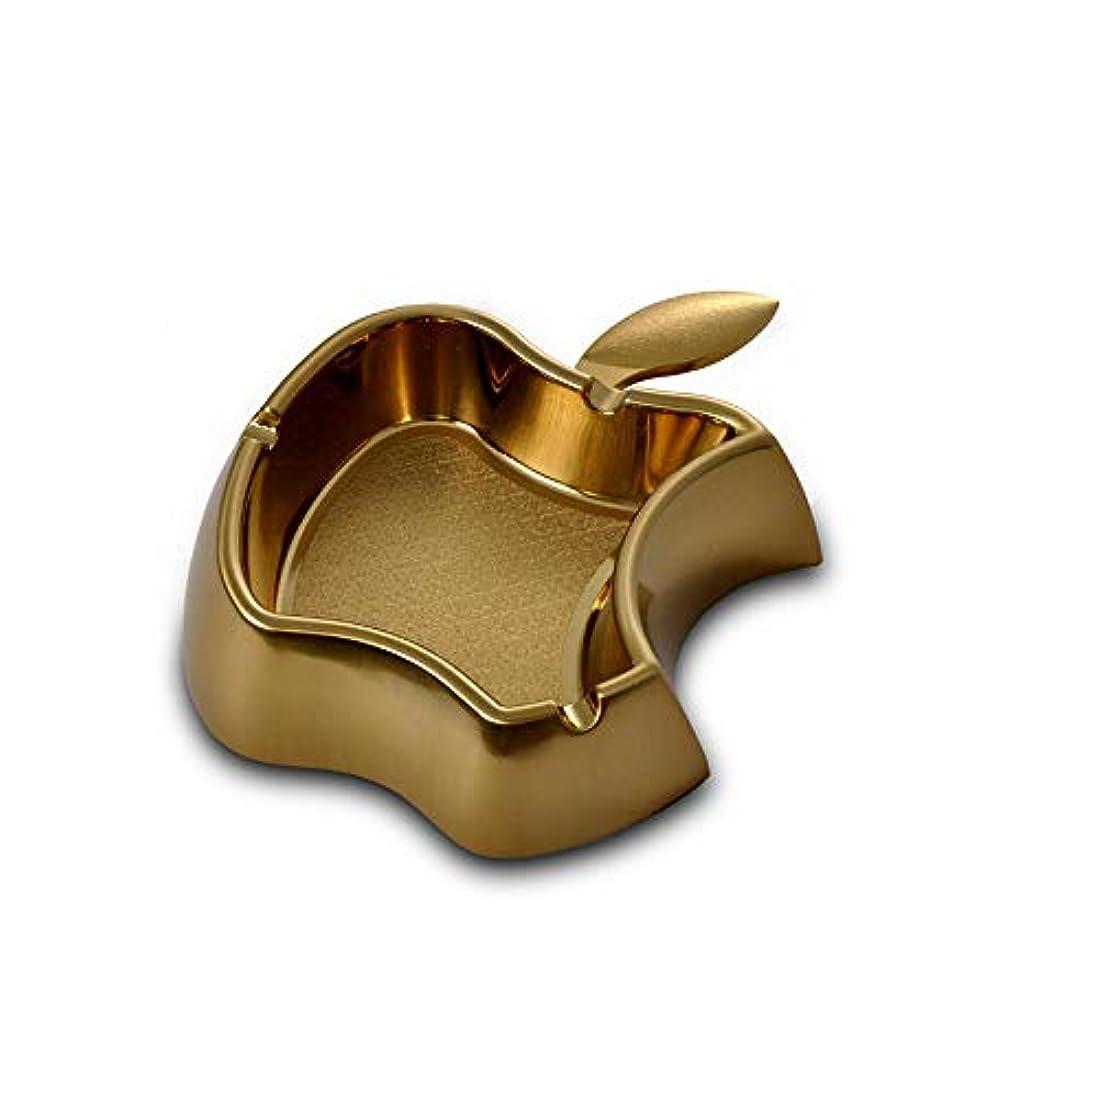 マントル群がる保守可能クリエイティブアップルメタル灰皿シンプルな灰皿耐火ドロップ灰皿 (色 : ゴールド)